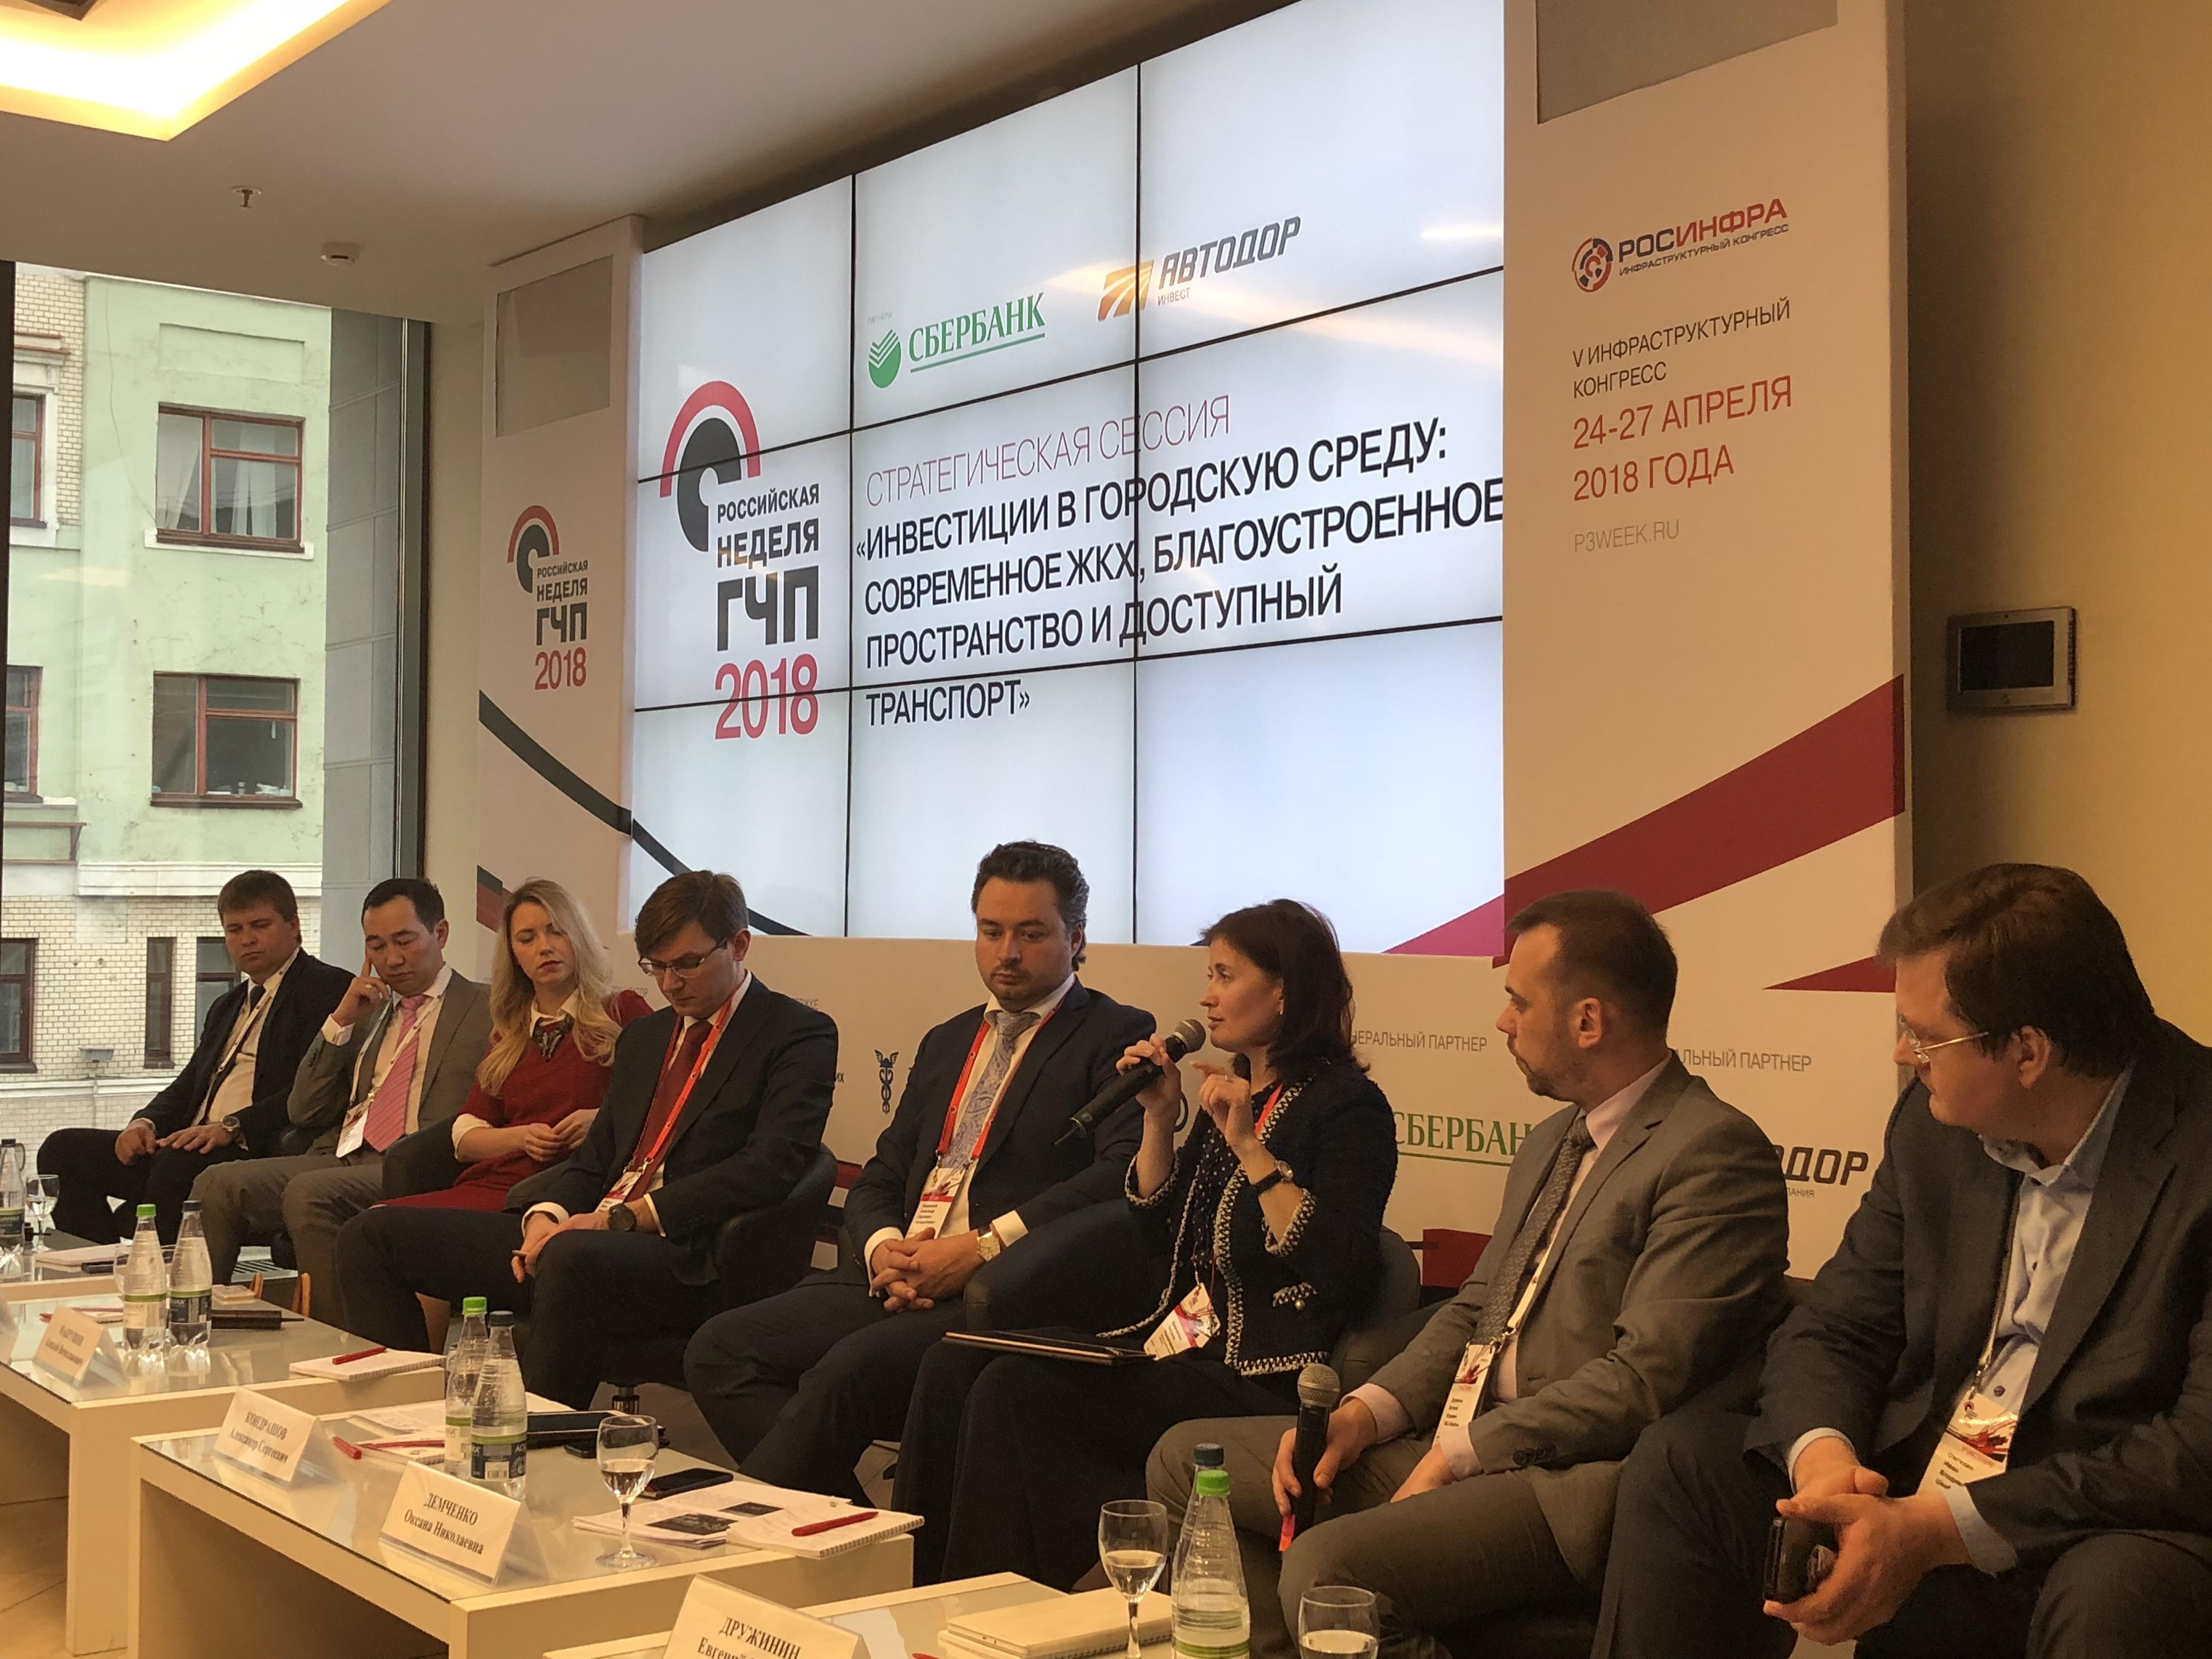 Инвестиции в городскую среду обсудили на неделе государственно-частного партнерства в Москве